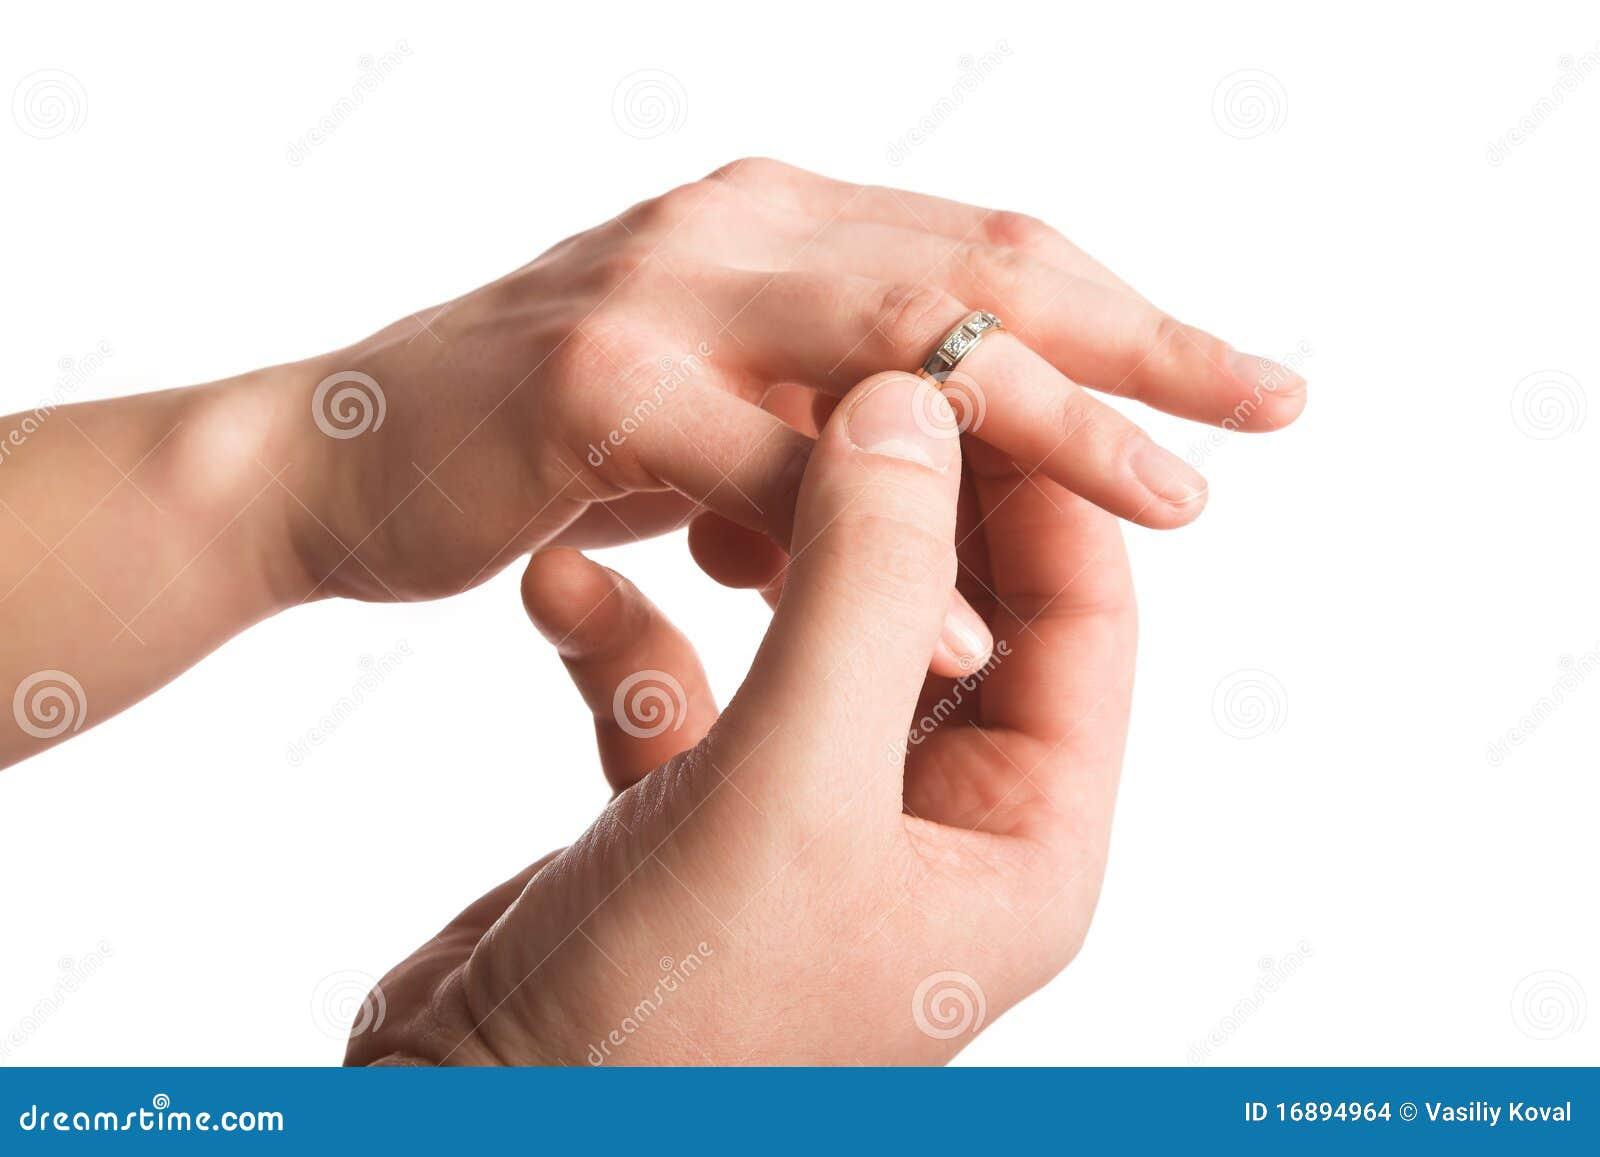 Finger closeup